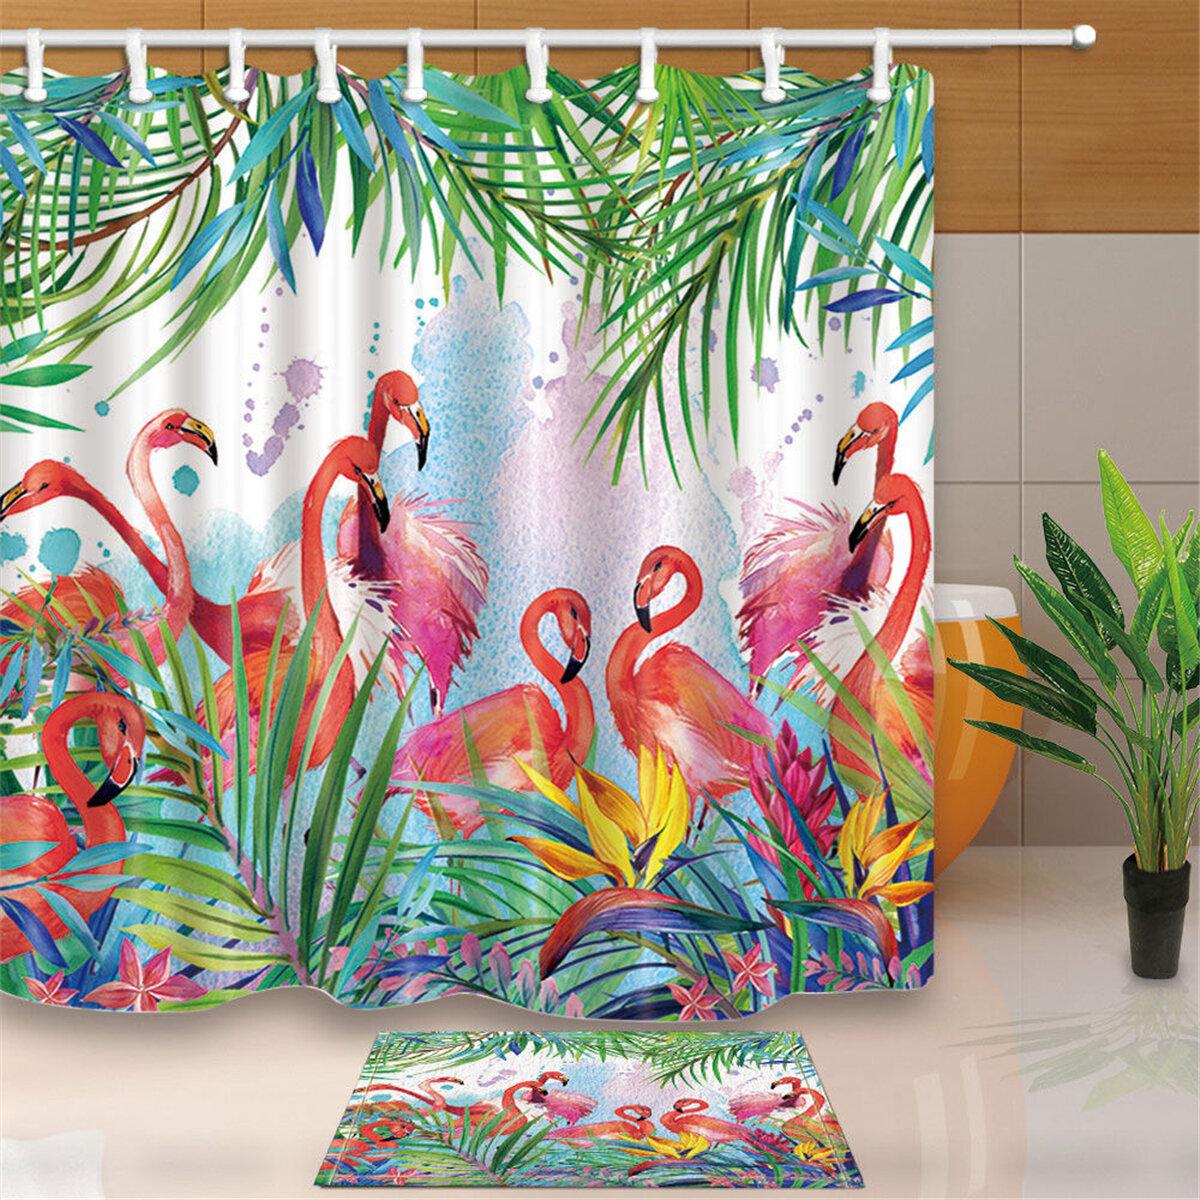 Fleurs Tropicales Et Flamingo Theme Salle De Bain Rideau De Douche